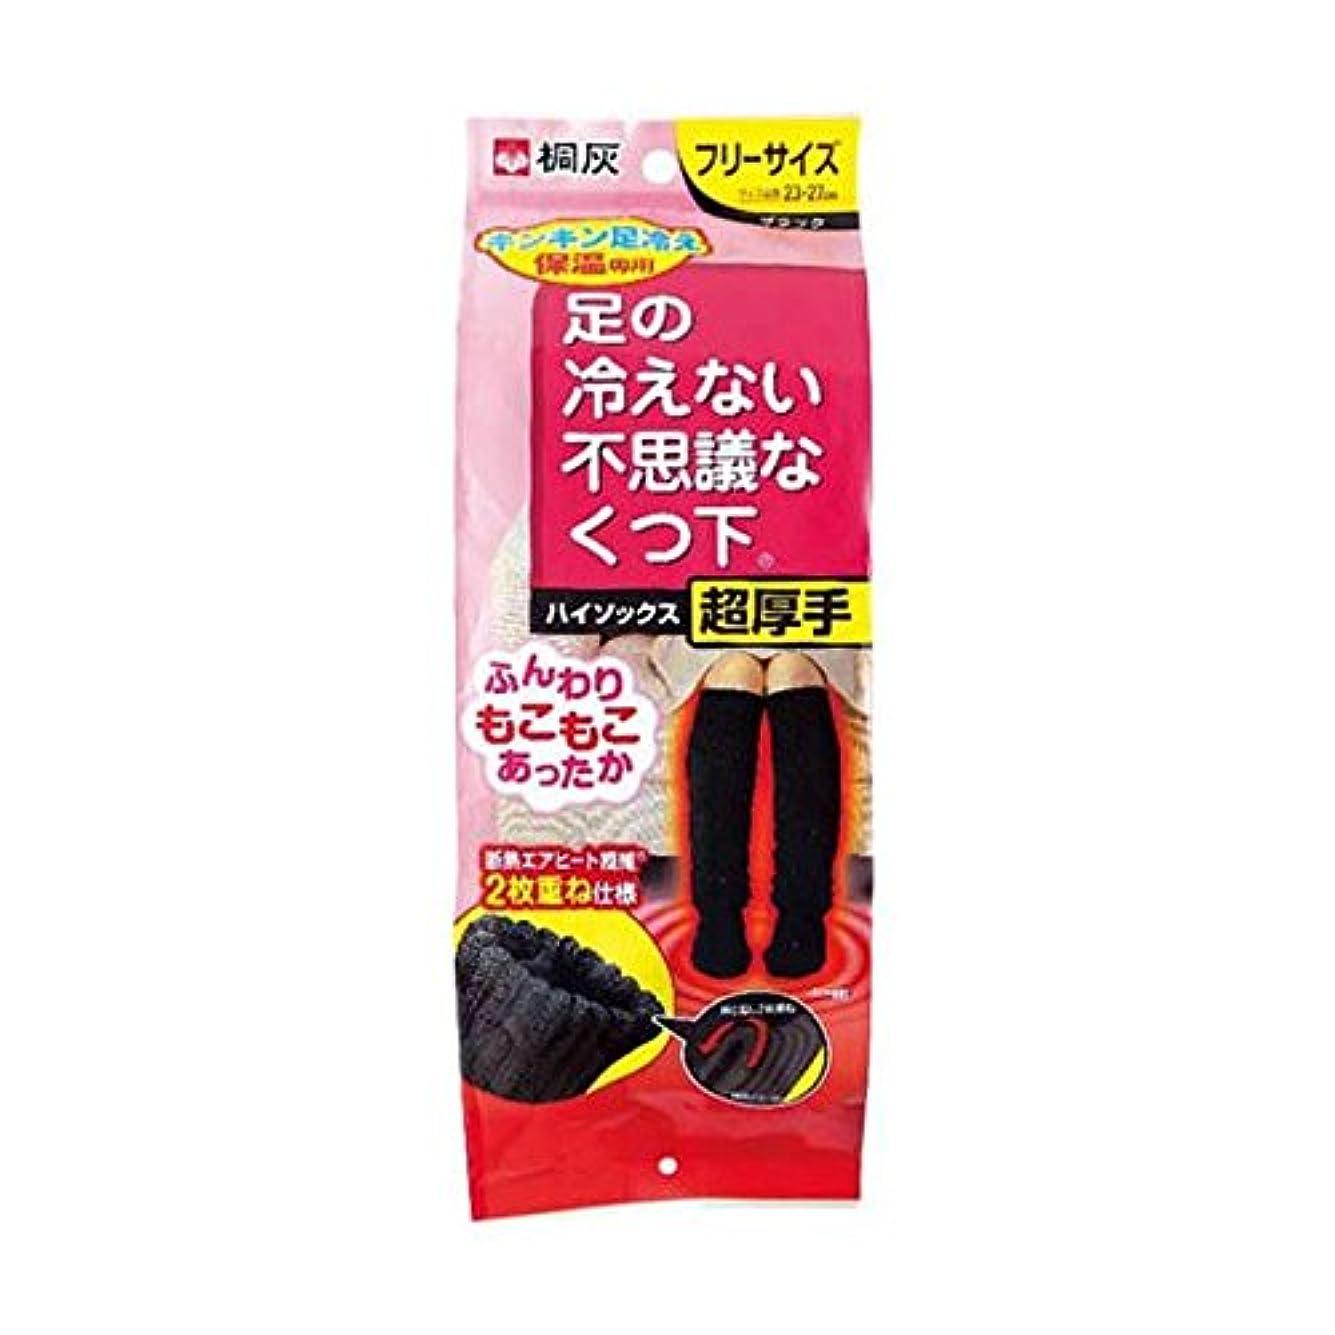 【まとめ買い】桐灰化学 足の冷えない不思議なくつ下 ハイソックス 超厚手 キンキン足冷え保温専用 フリーサイズ 黒色 1足分(2個入) ×2個セット